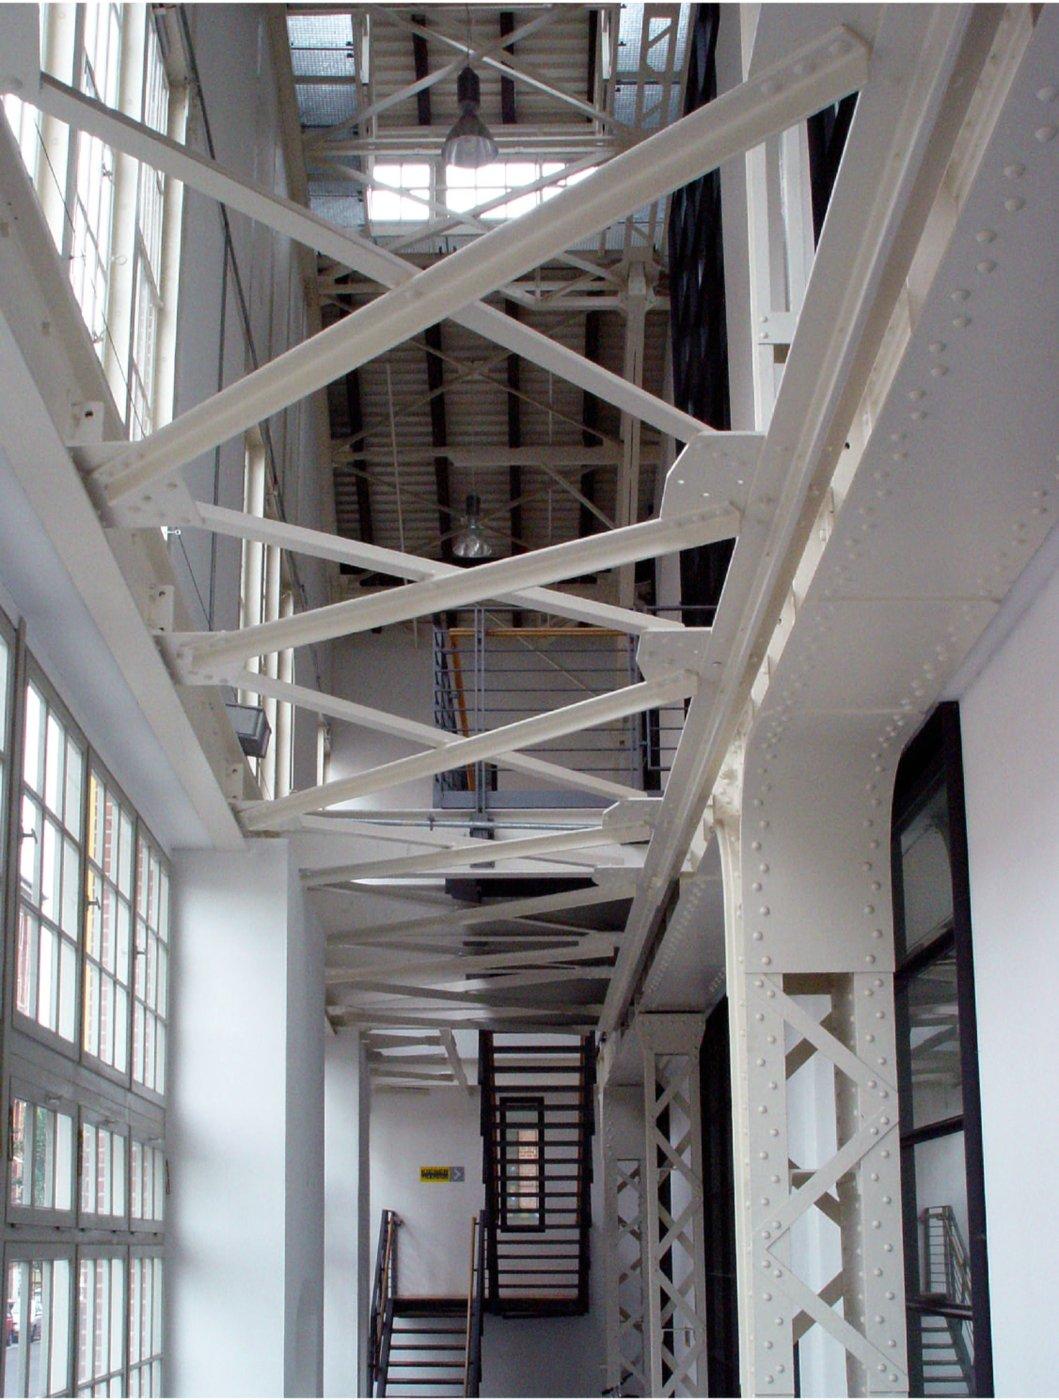 BVG Betriebsbahnhof - Zugang Luftraum